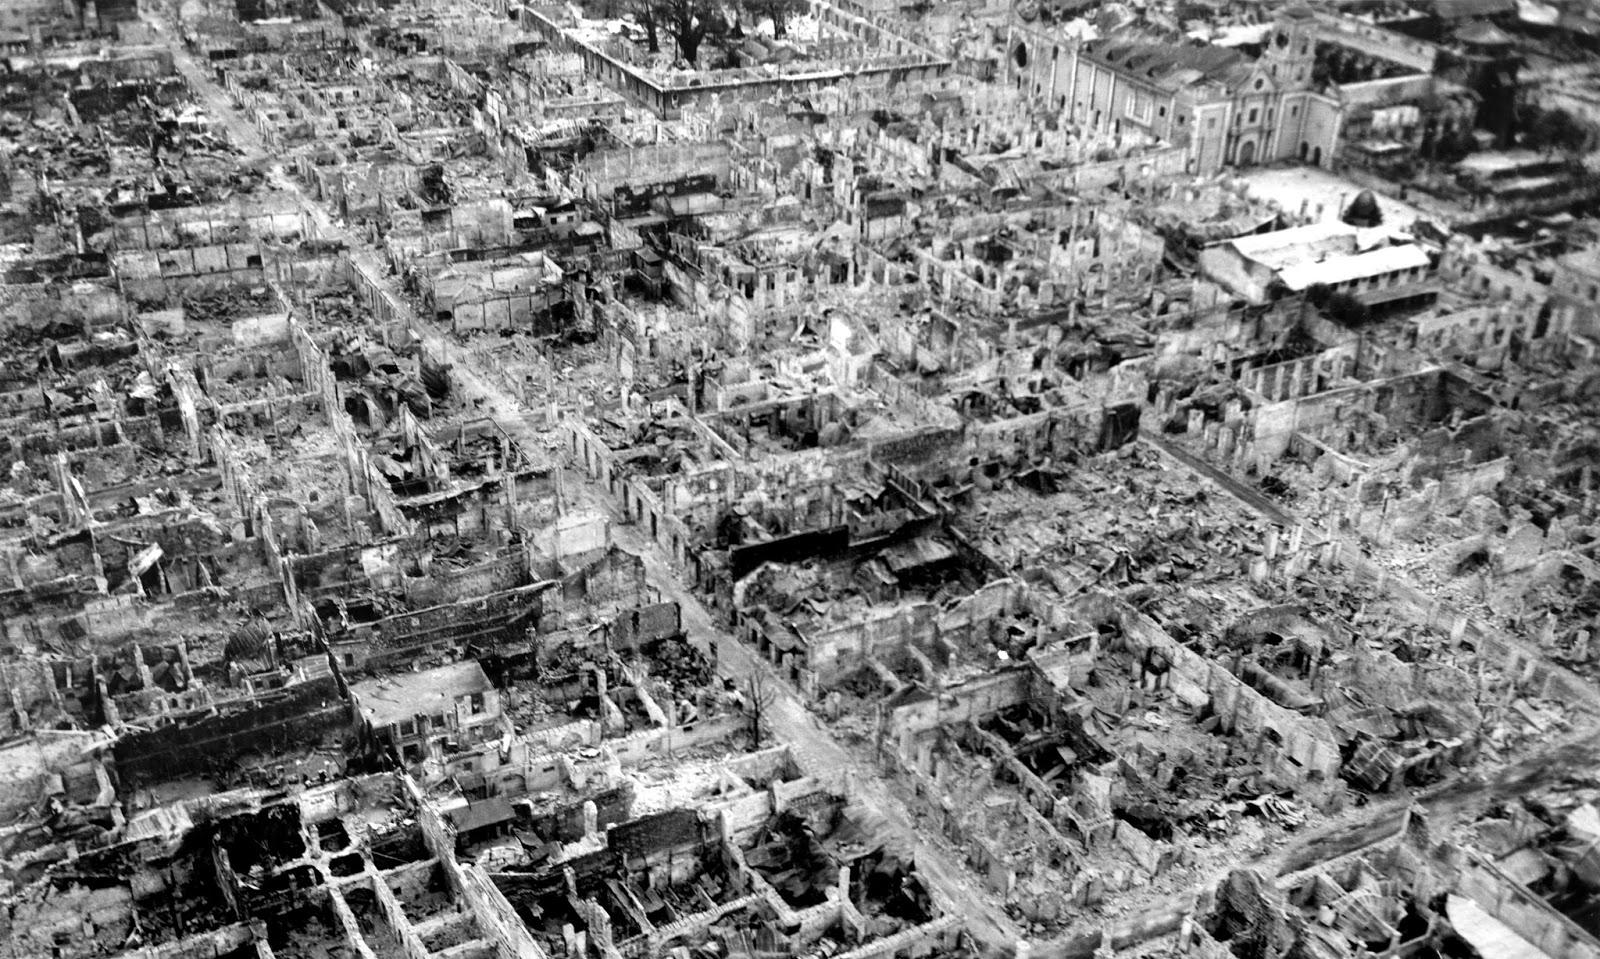 Ruinas de la ciudad de Manila, Filipinas, en 1945.